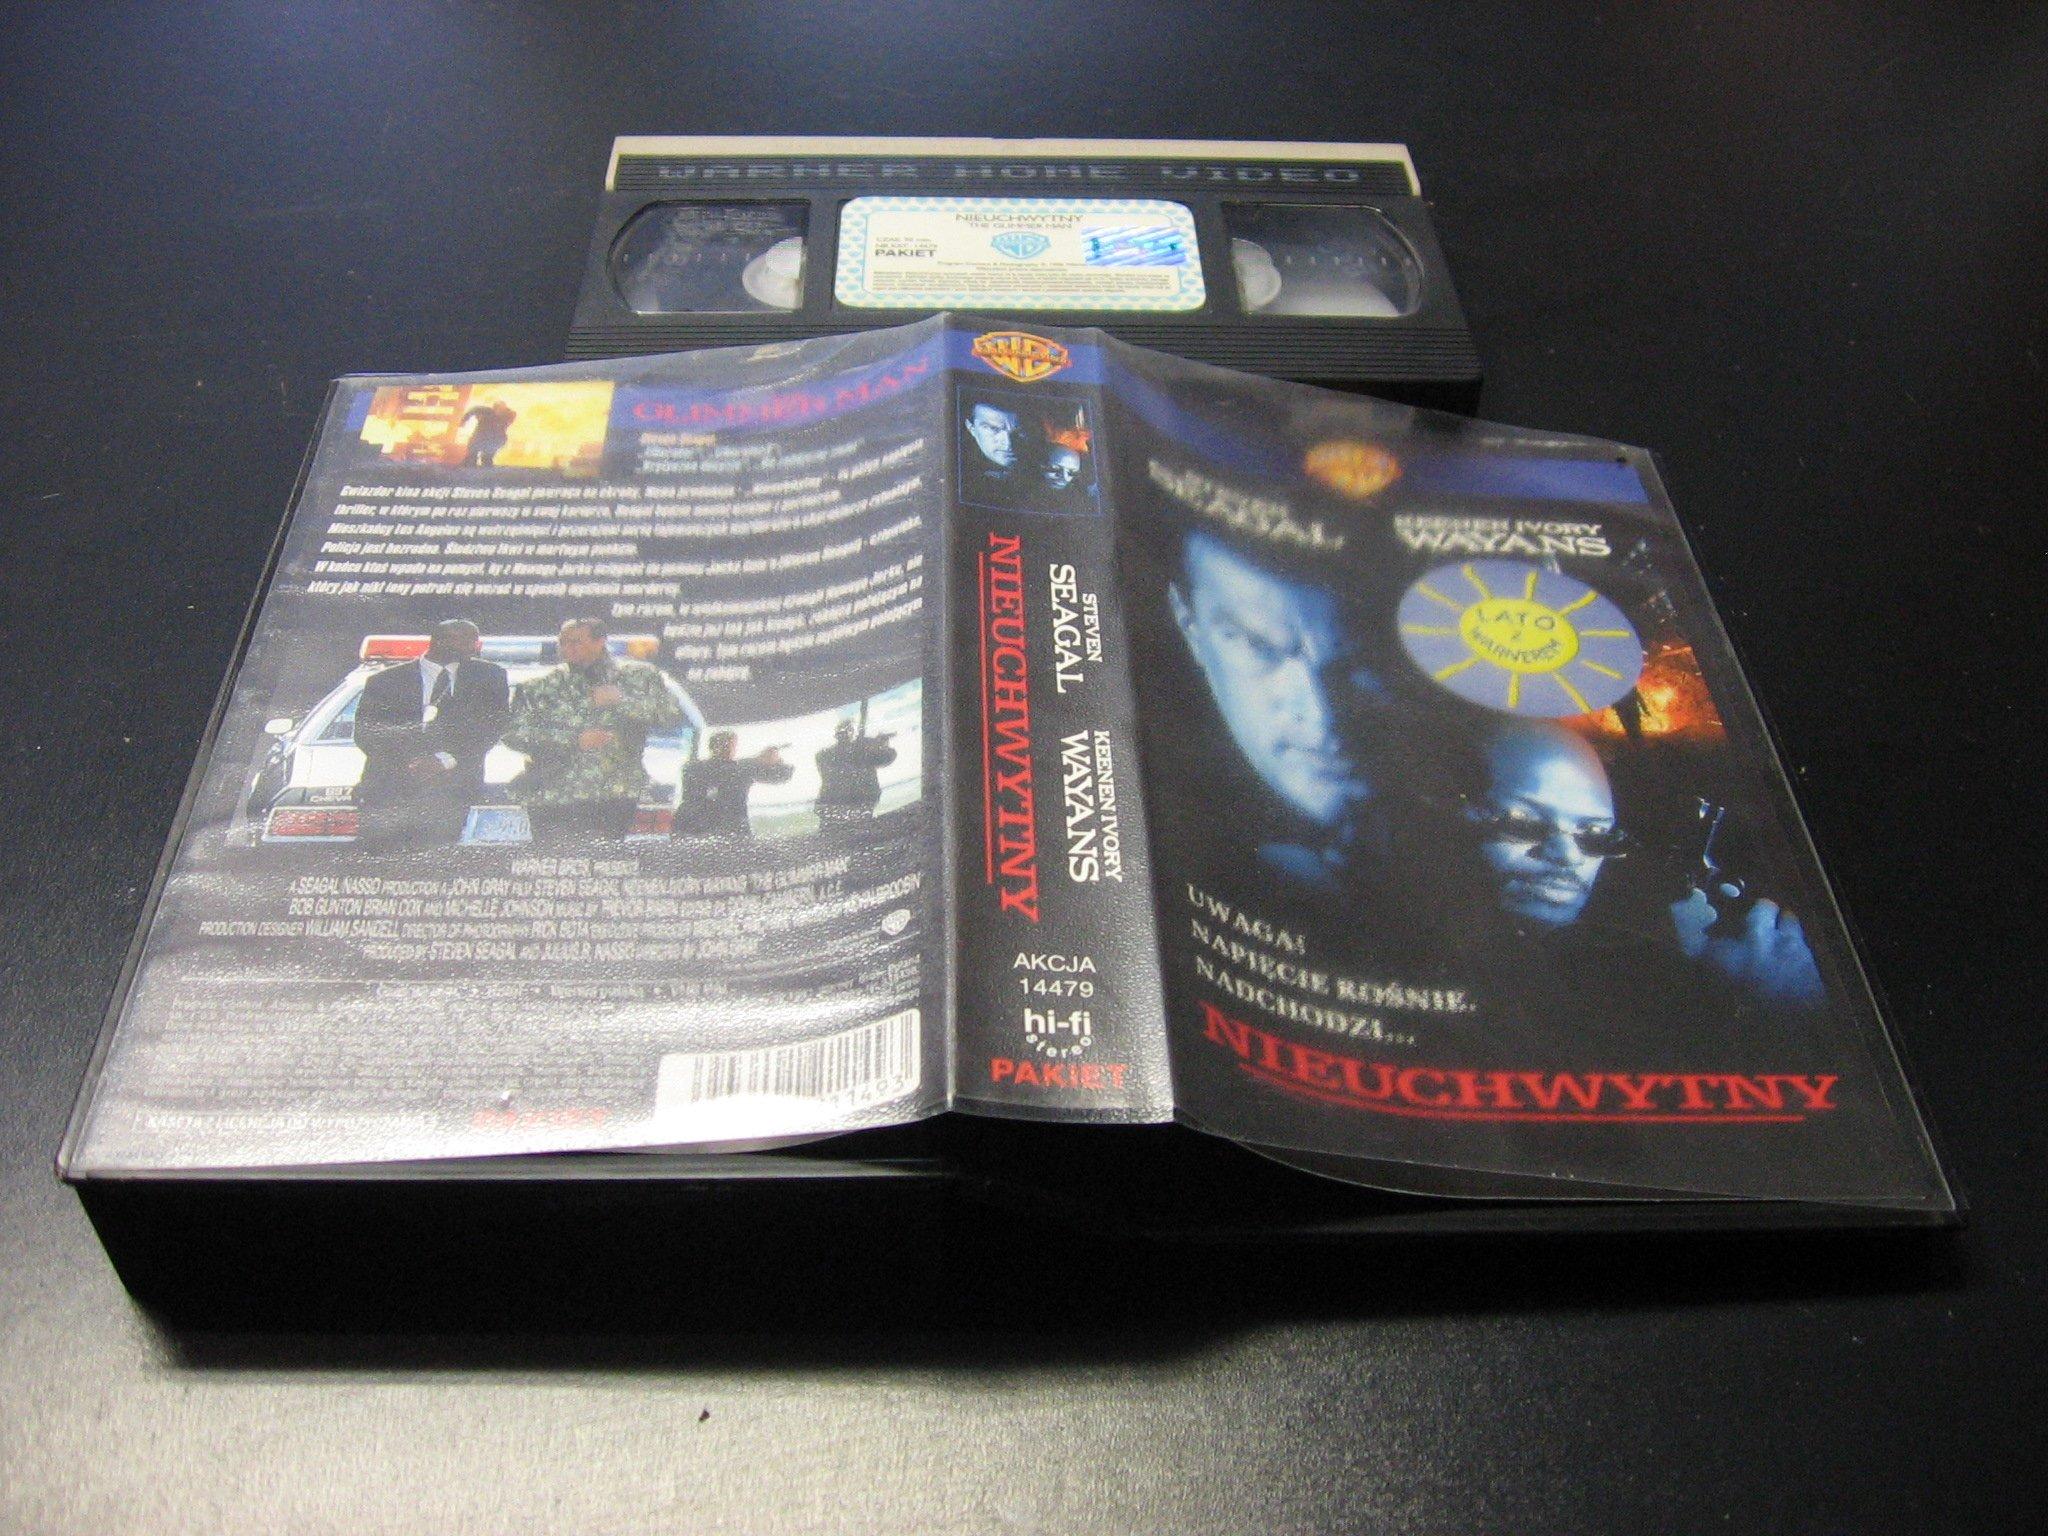 NIEUCHWYTNY VHS - Opole 0019